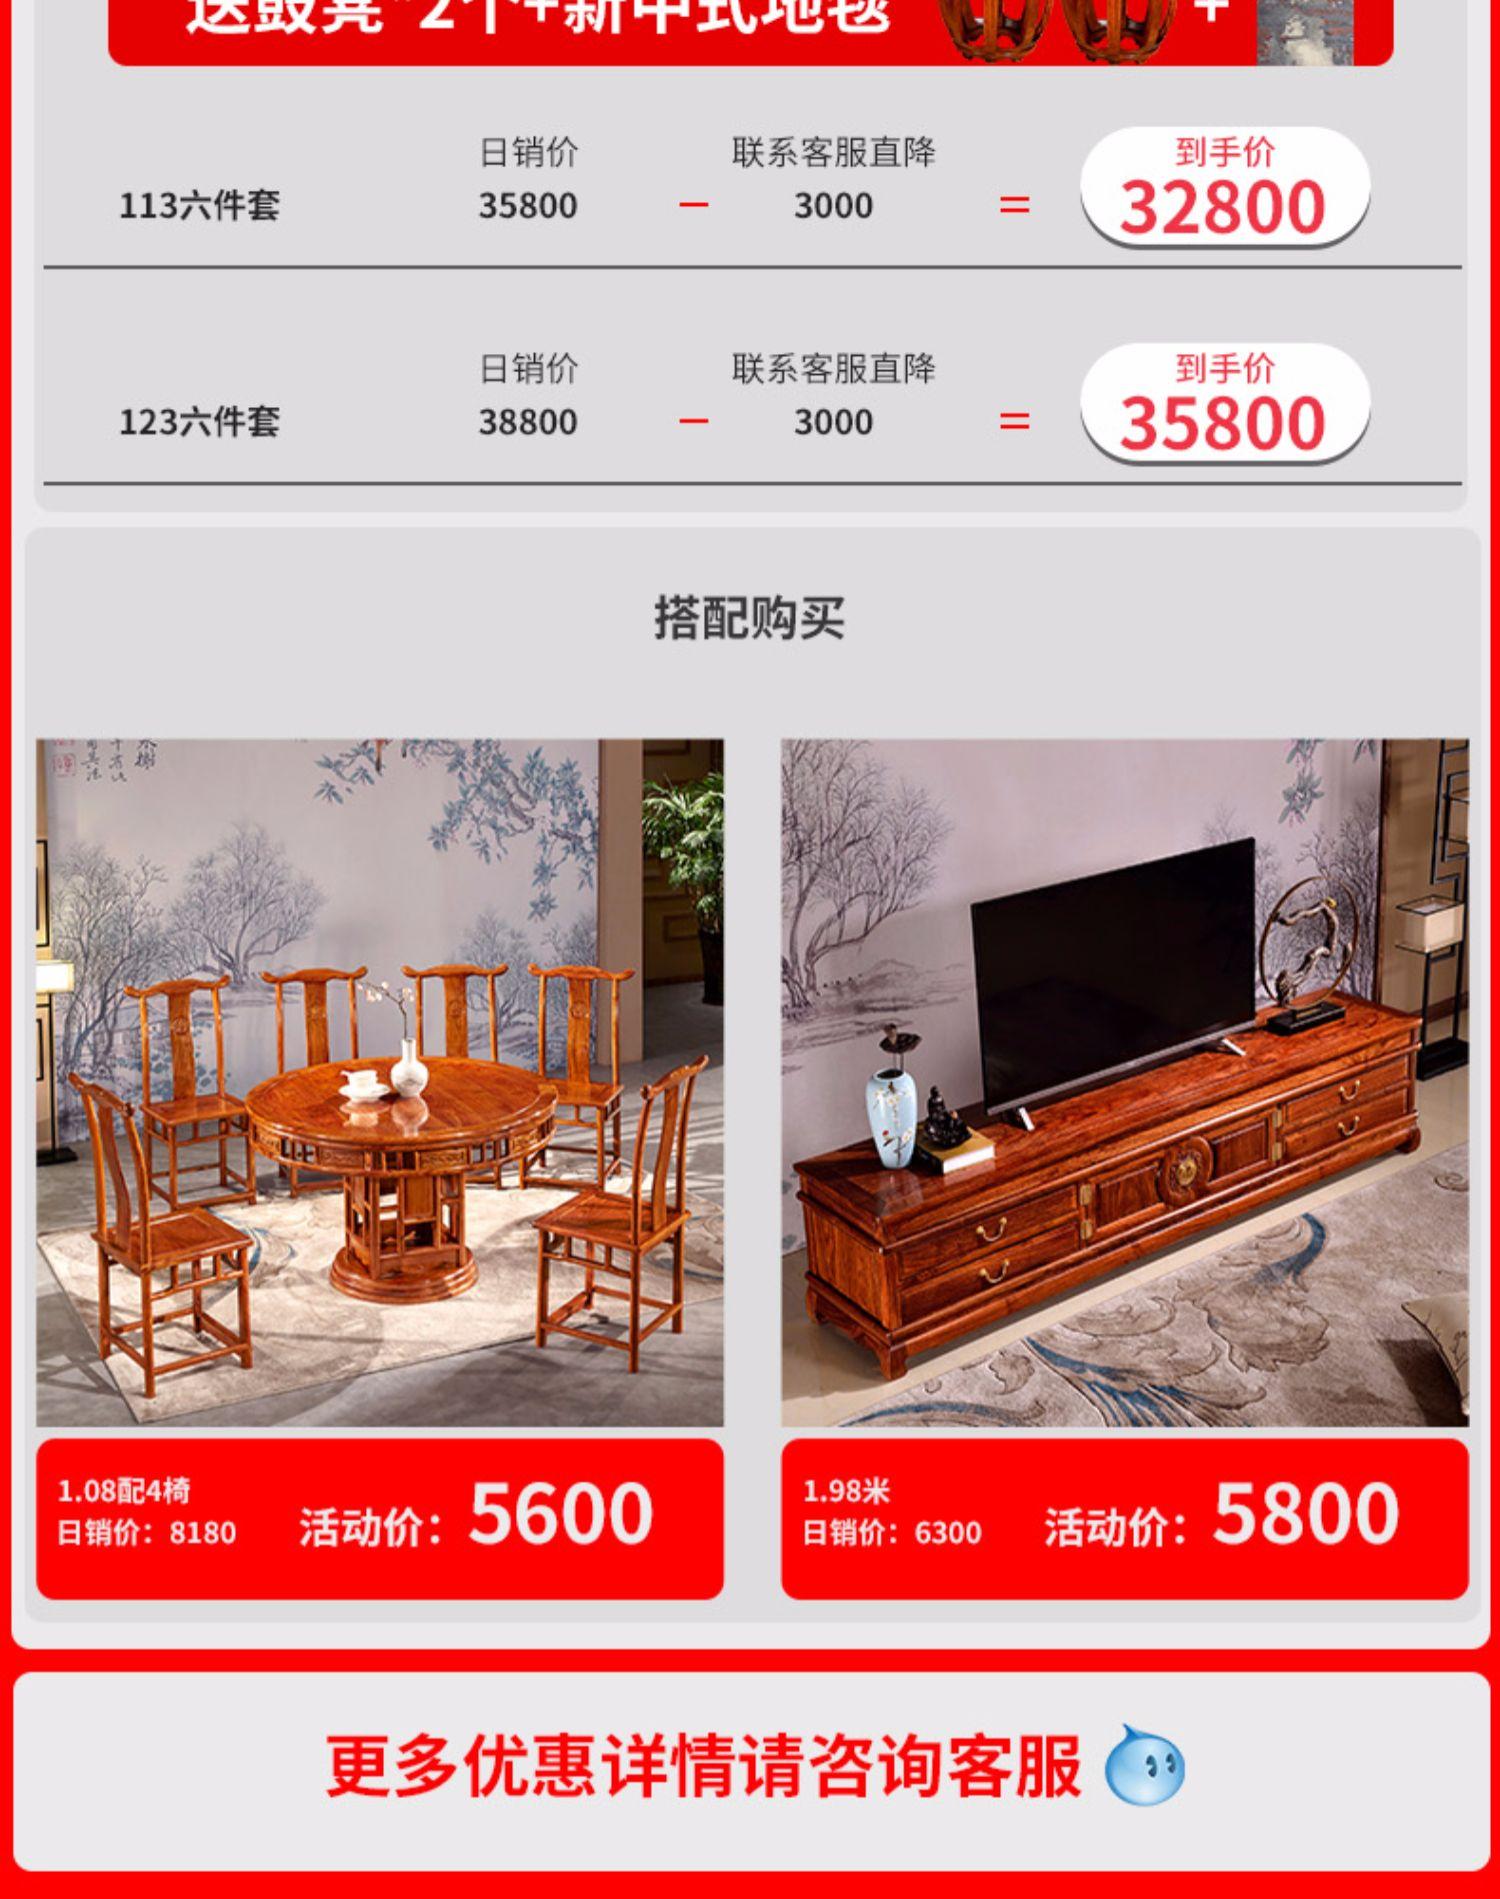 王木匠红木新中式沙发组合花梨木刺猬紫檀大户型实木别墅客厅家具商品详情图